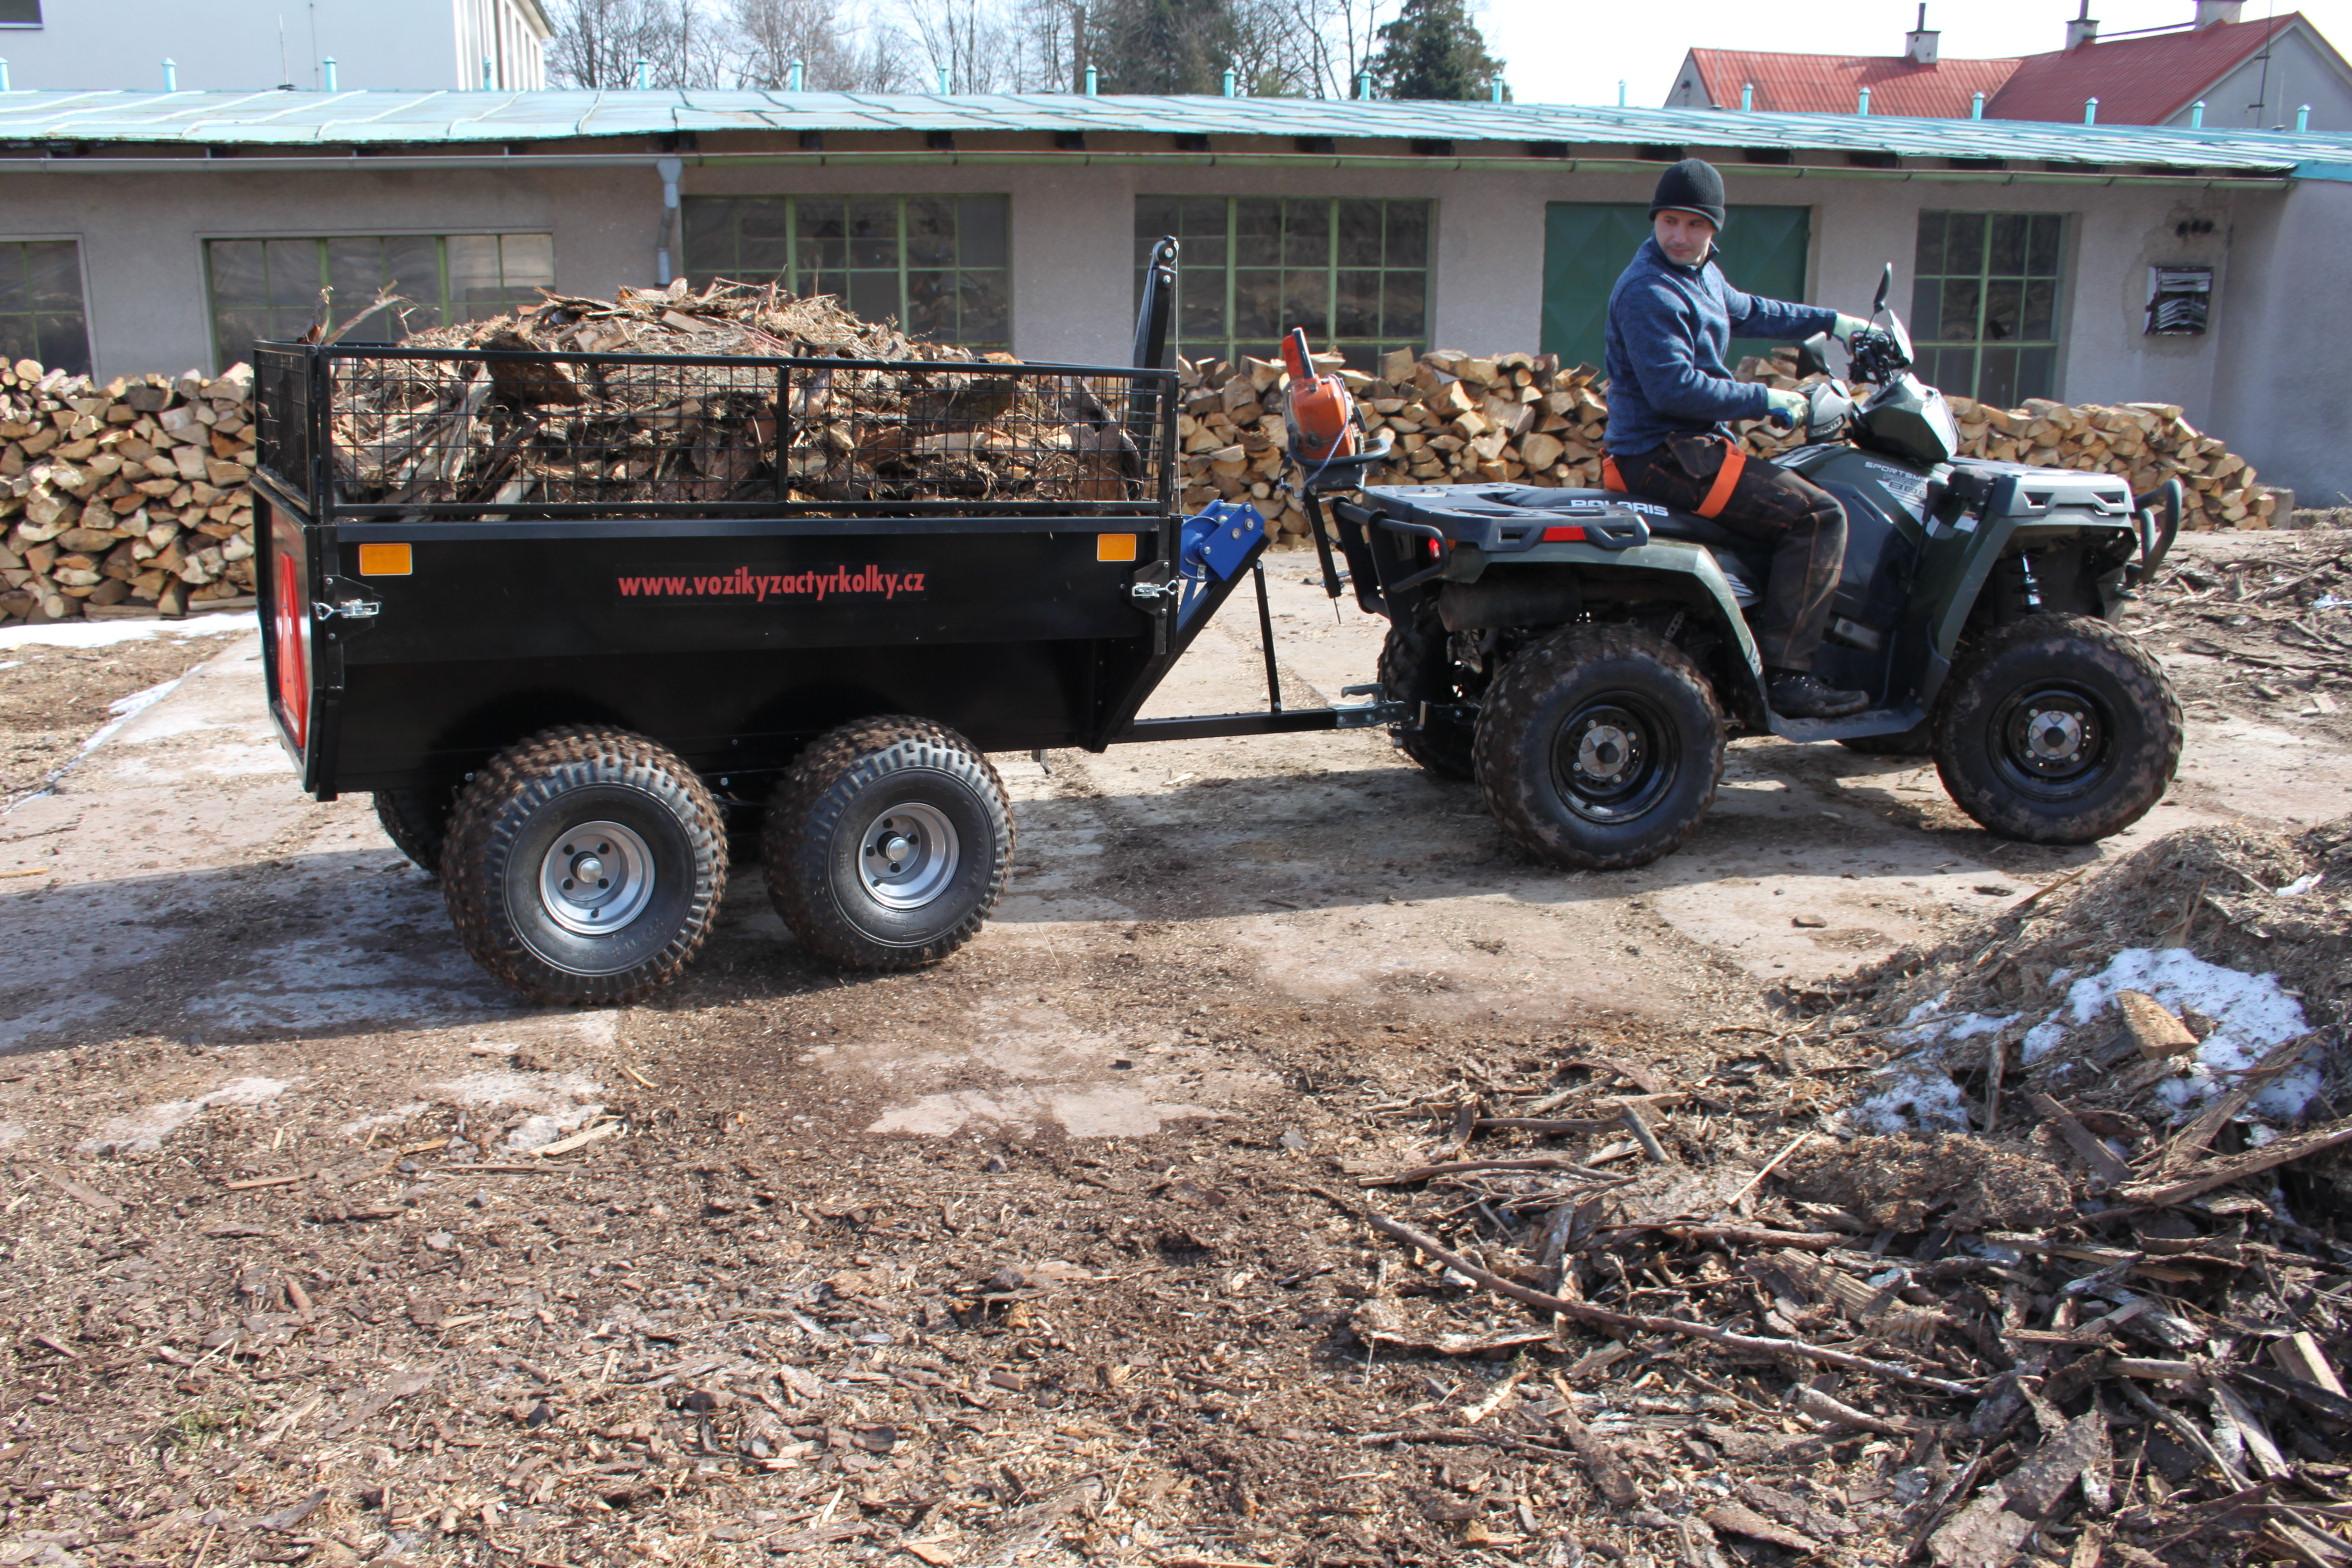 Vyvážecí vozík Profi Zahradník